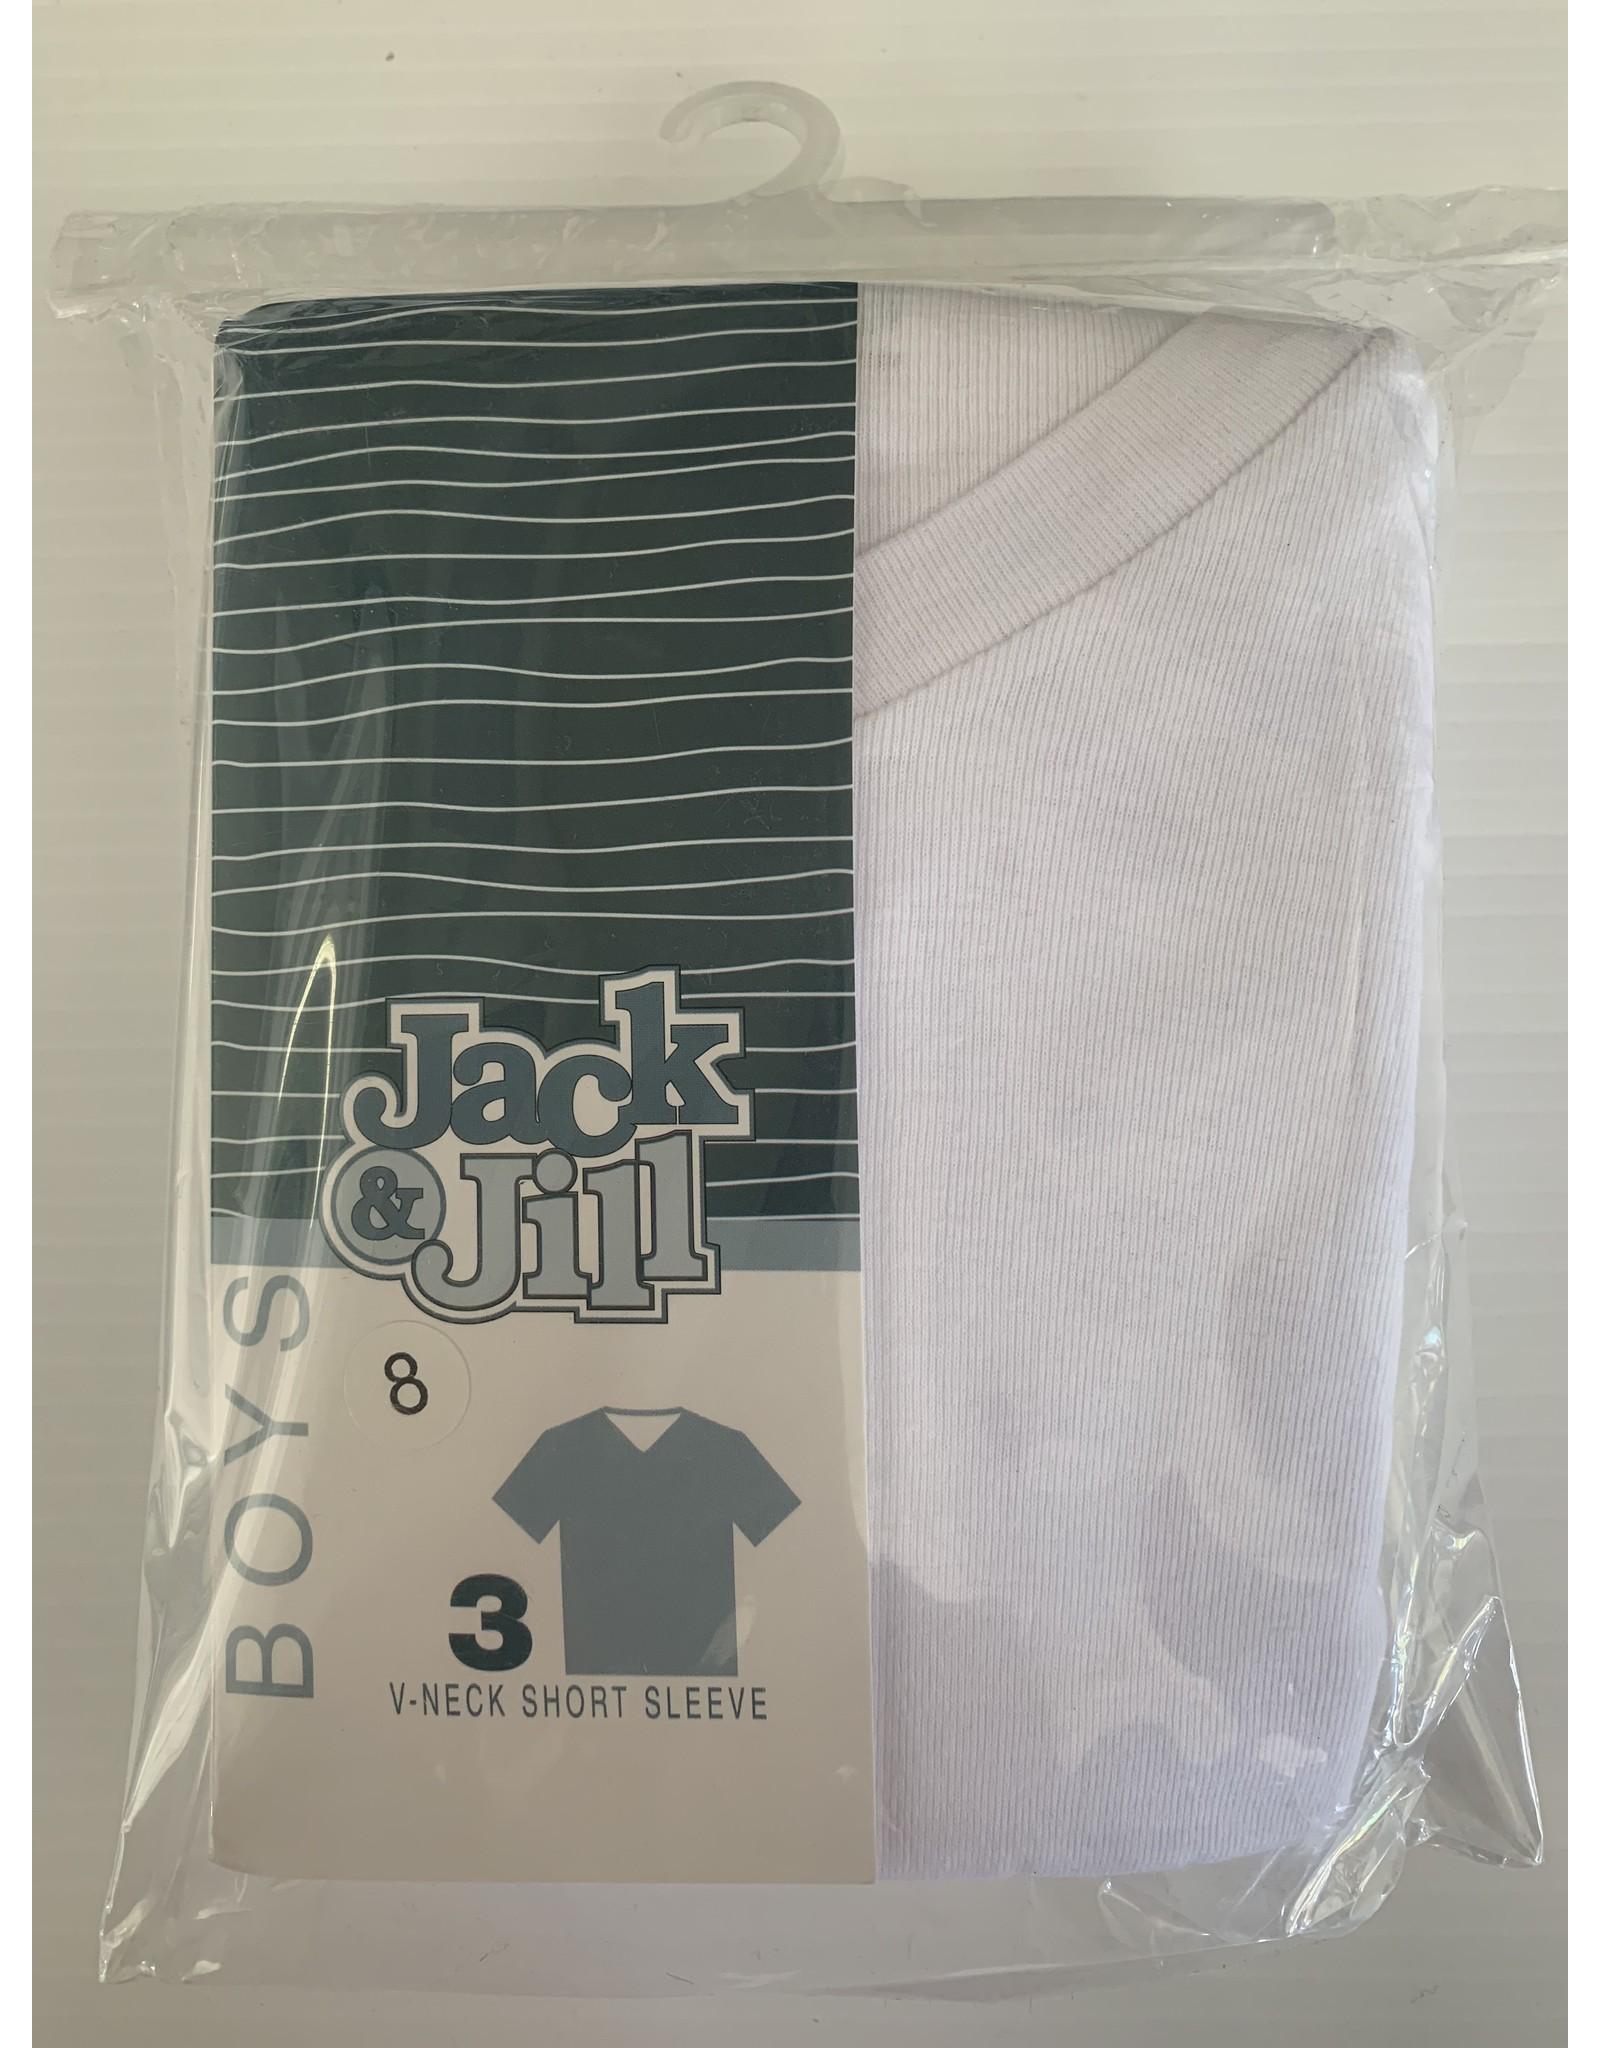 Jack & Jill Jack & Jill Boys V-Neck Short Sleeve T-Shirt